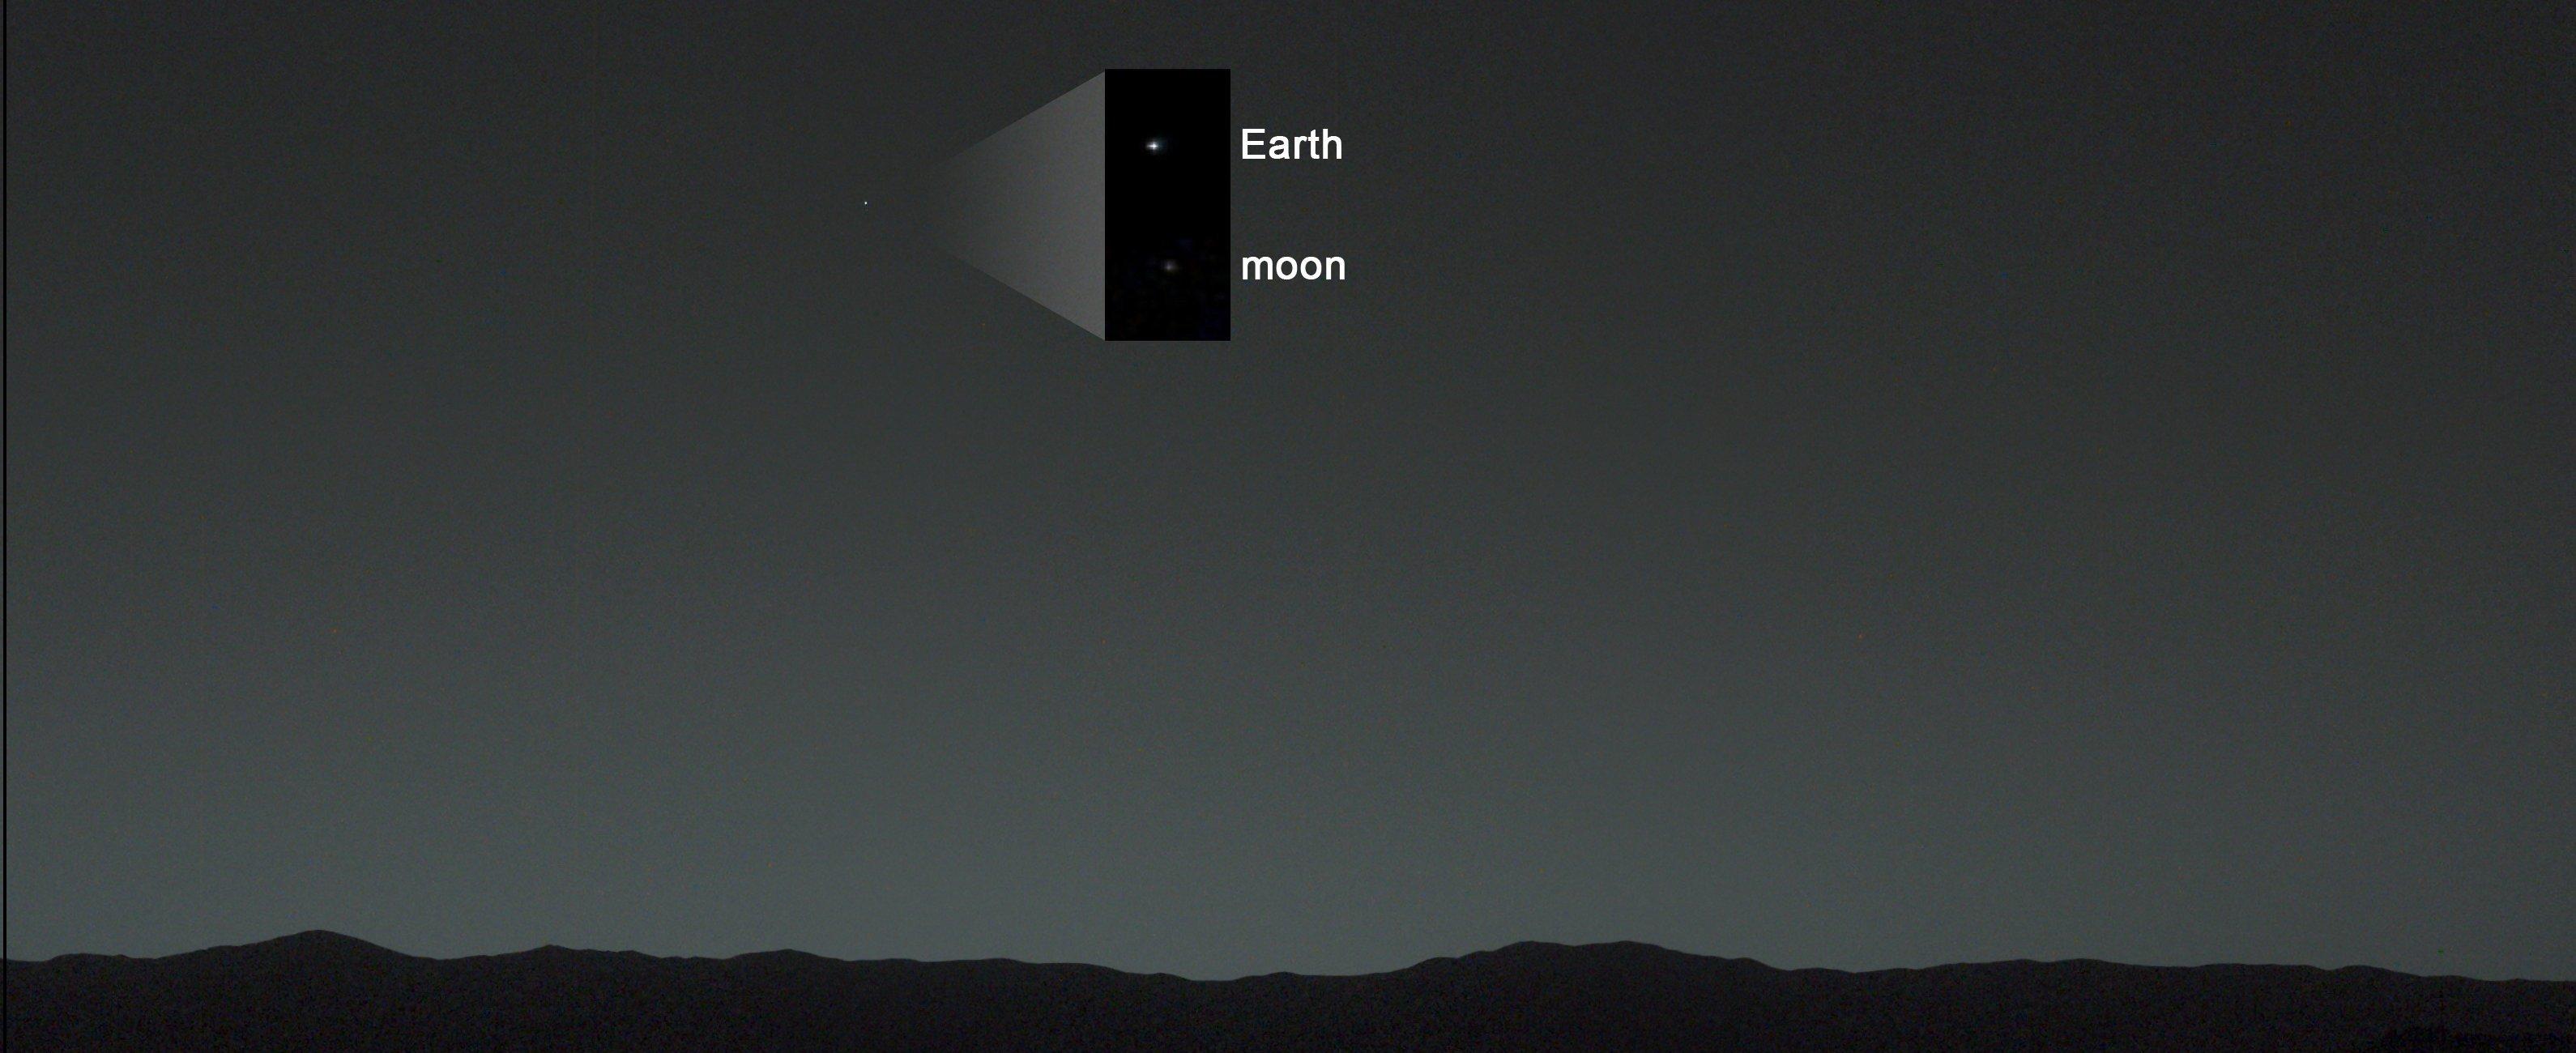 Le ciel martien, avec la Terre et la Lune. ©NASA